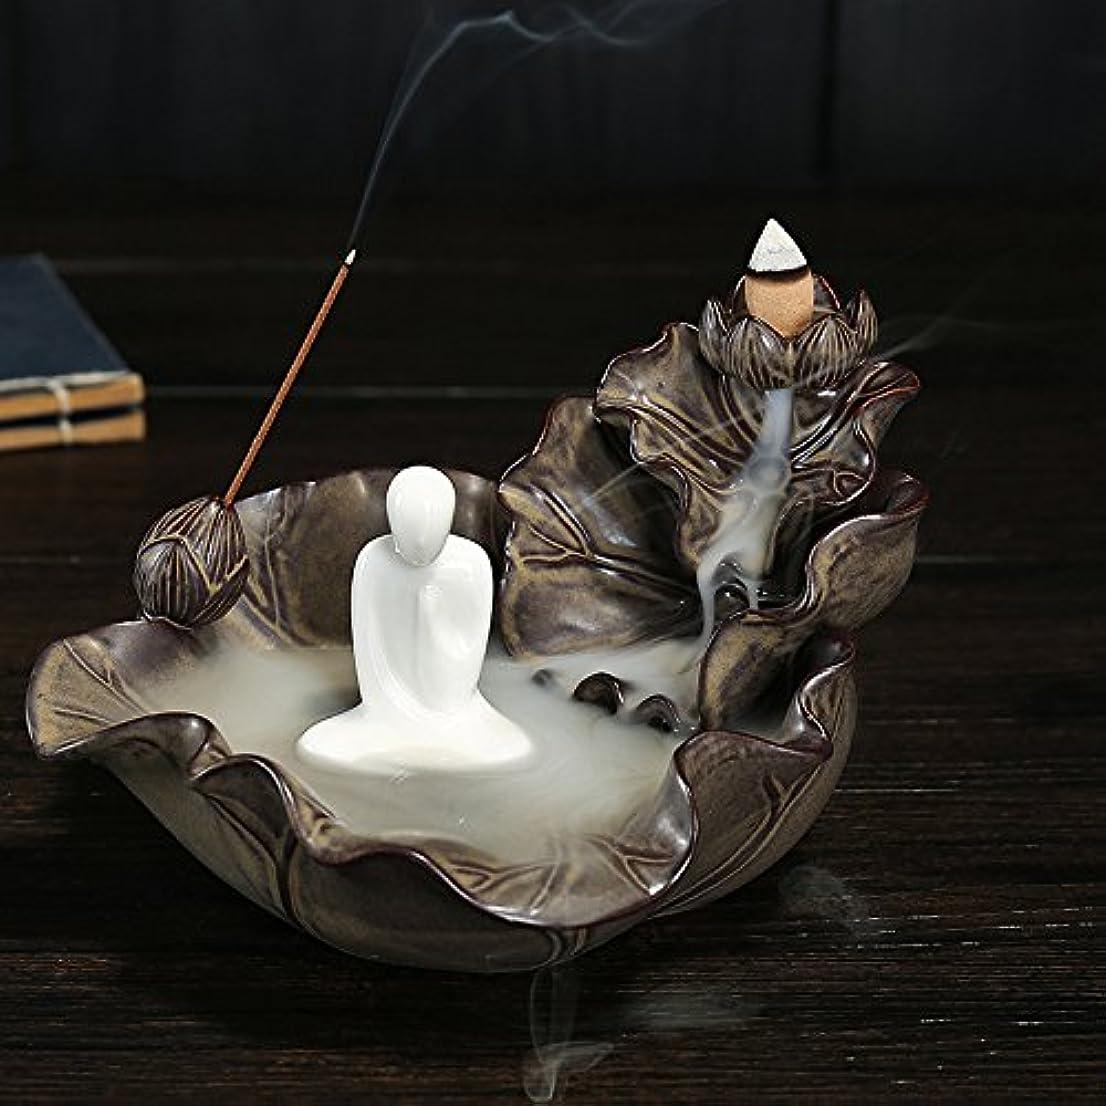 招待セミナー回復する逆流香炉、香ホルダー、Monk Incense Burner Ceramics Incense Holder with 10pcs Backflow Incense Cones One Size ブラウン 125025